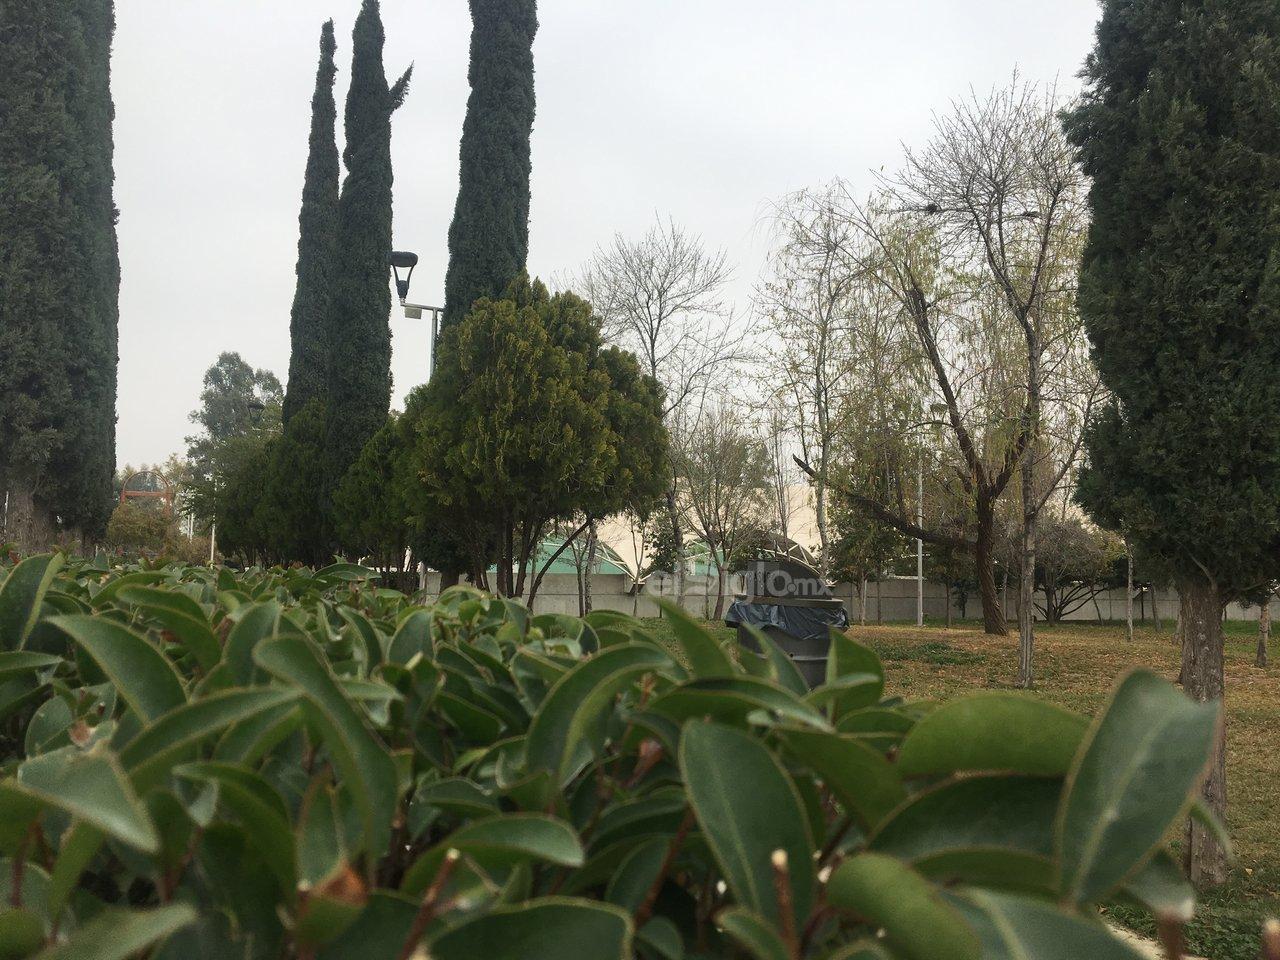 Existen más de 700 espacios catalogados como plazas, ubicados en el sector urbano de Torreón, la de mayor extensión es el bosque Venustiano Carranza.